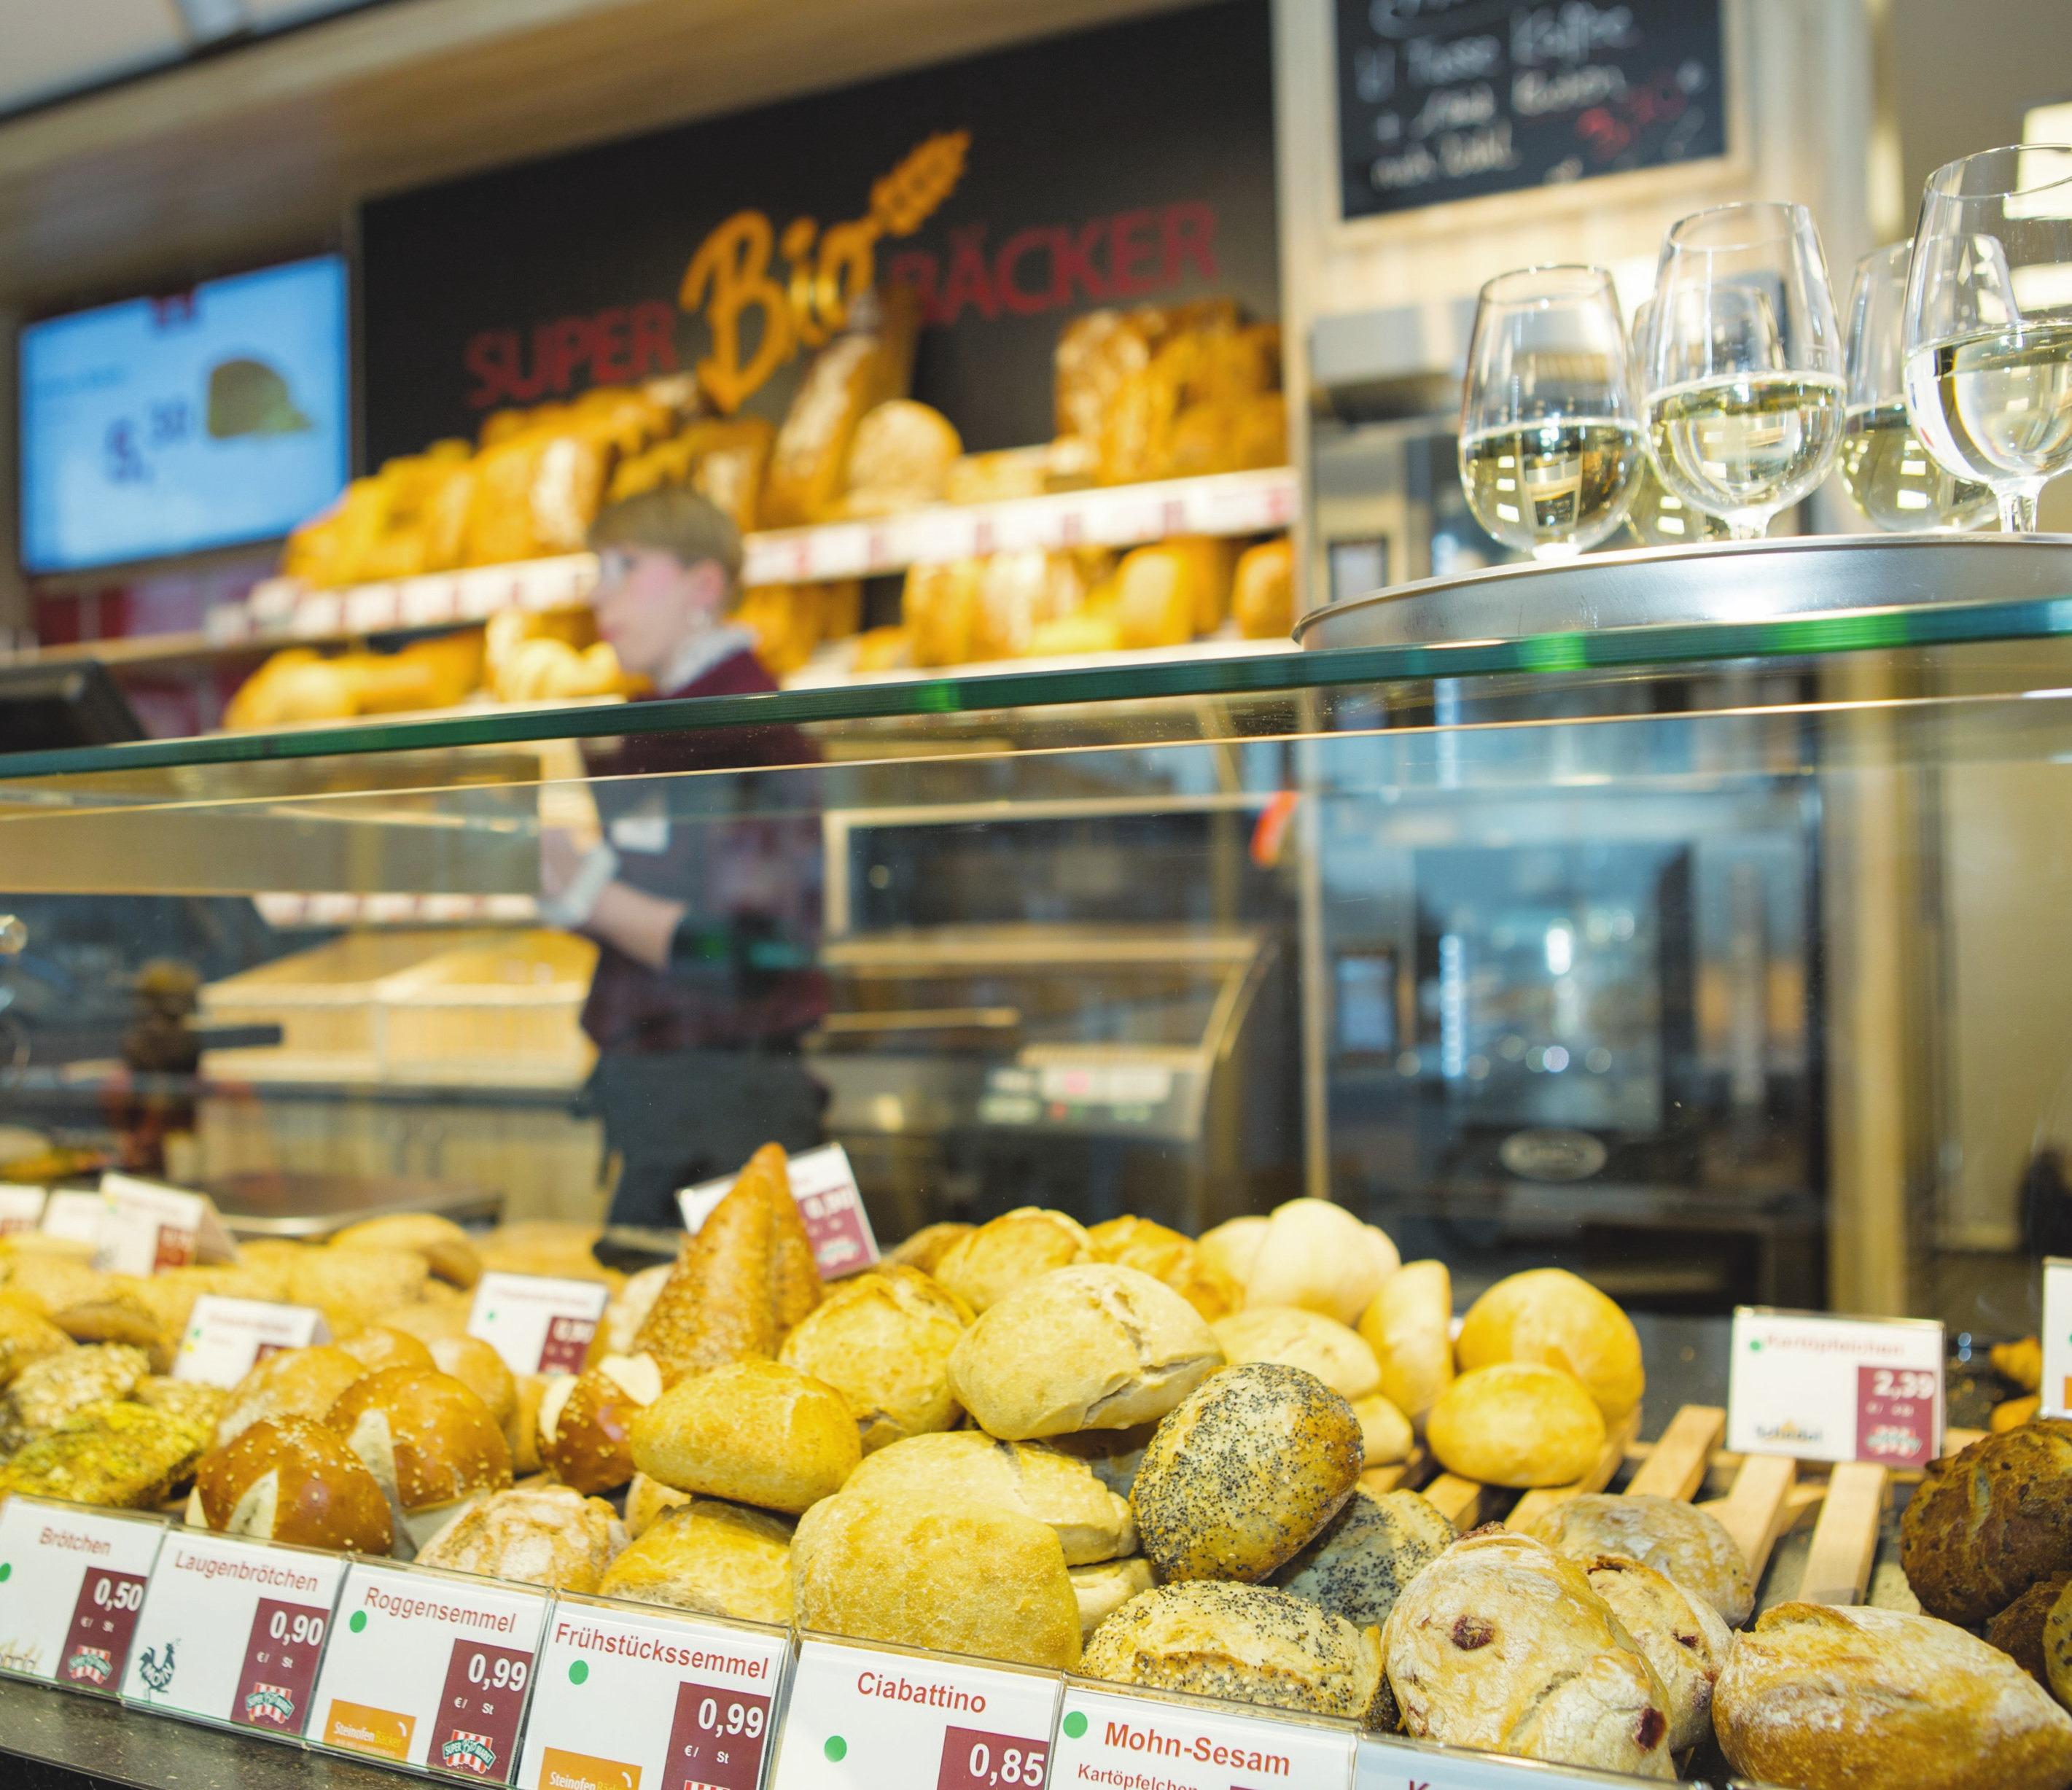 Zum Bio-Vollsortiment gehört auch ein Bäcker mit Brot, Brötchen, Kuchen und herzhaften Snacks. Foto: Diana Fabbricatore